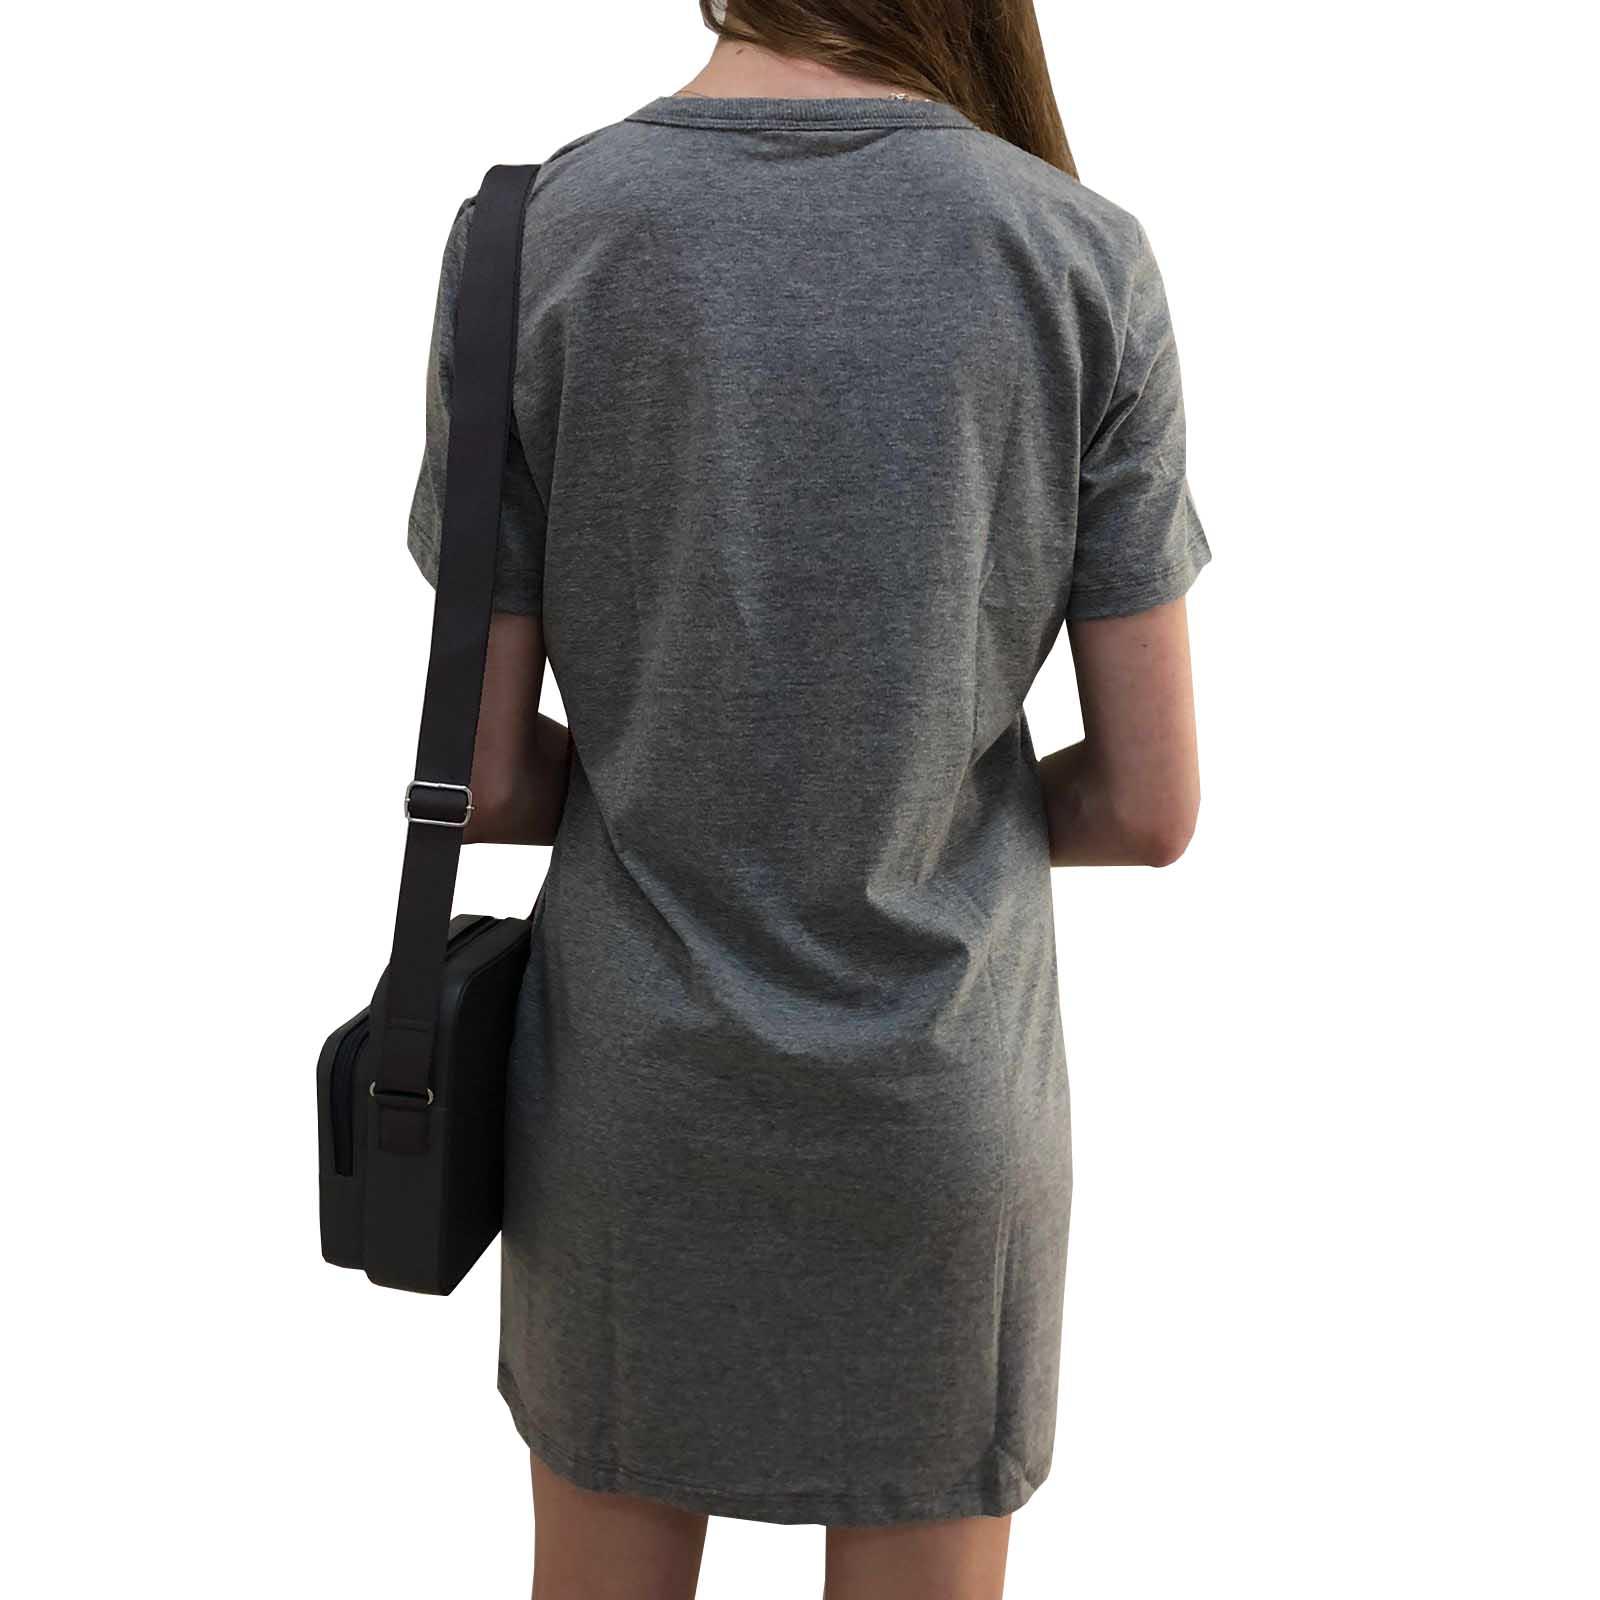 Vestido Colcci Curto Moving Forward Feminino